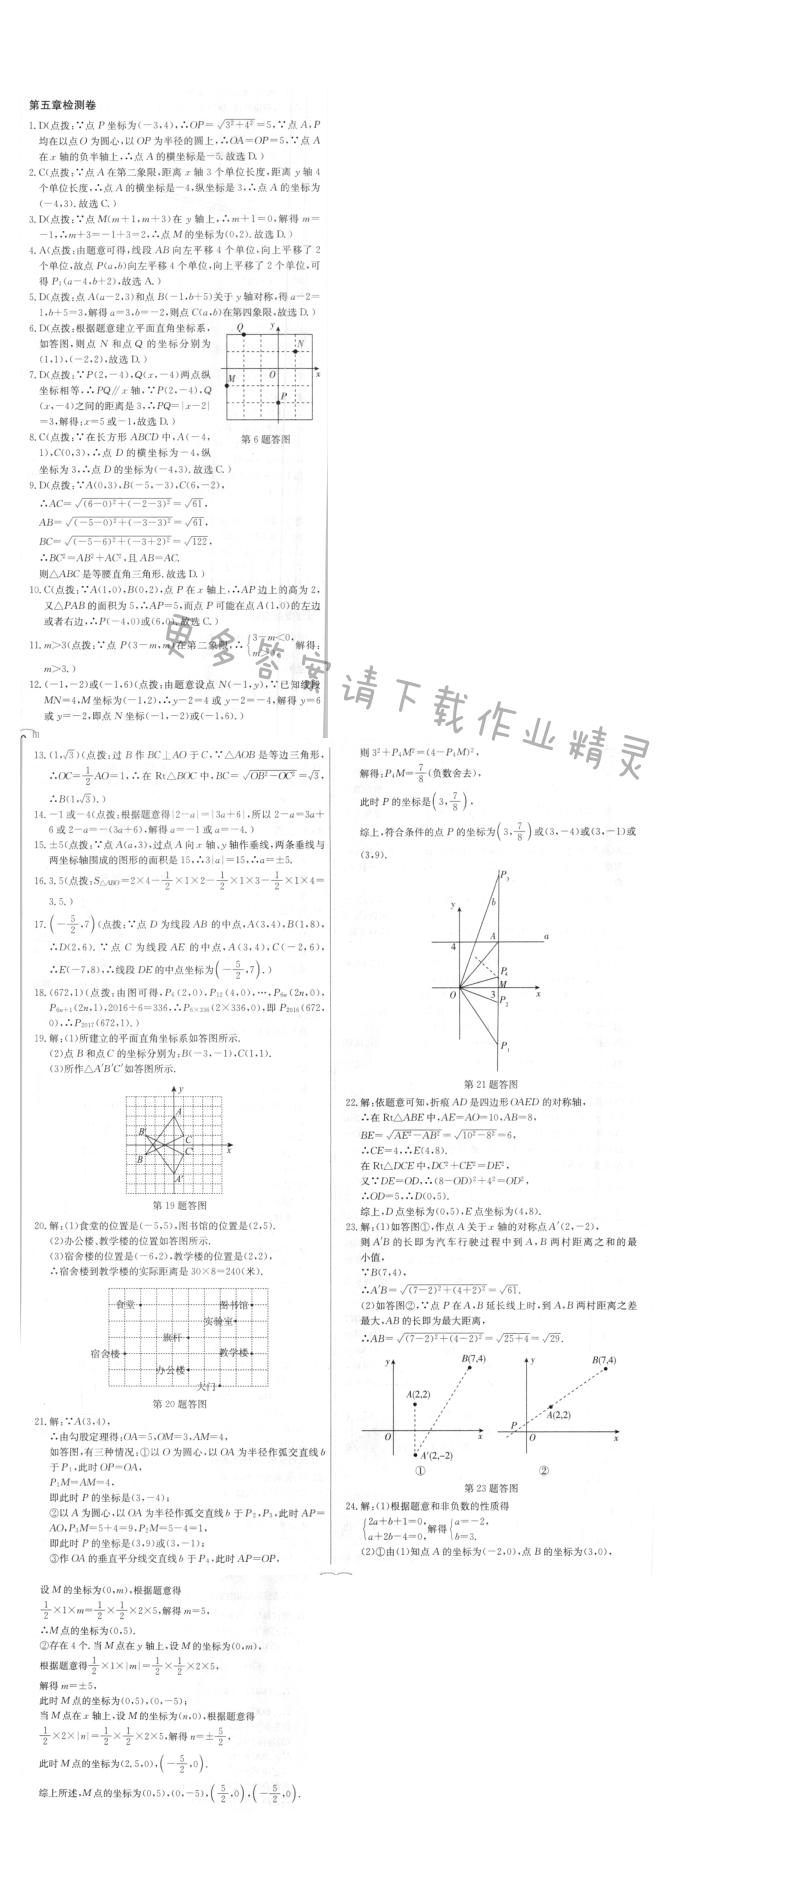 启东中学作业本八年级数学上册江苏版 第五章检测卷